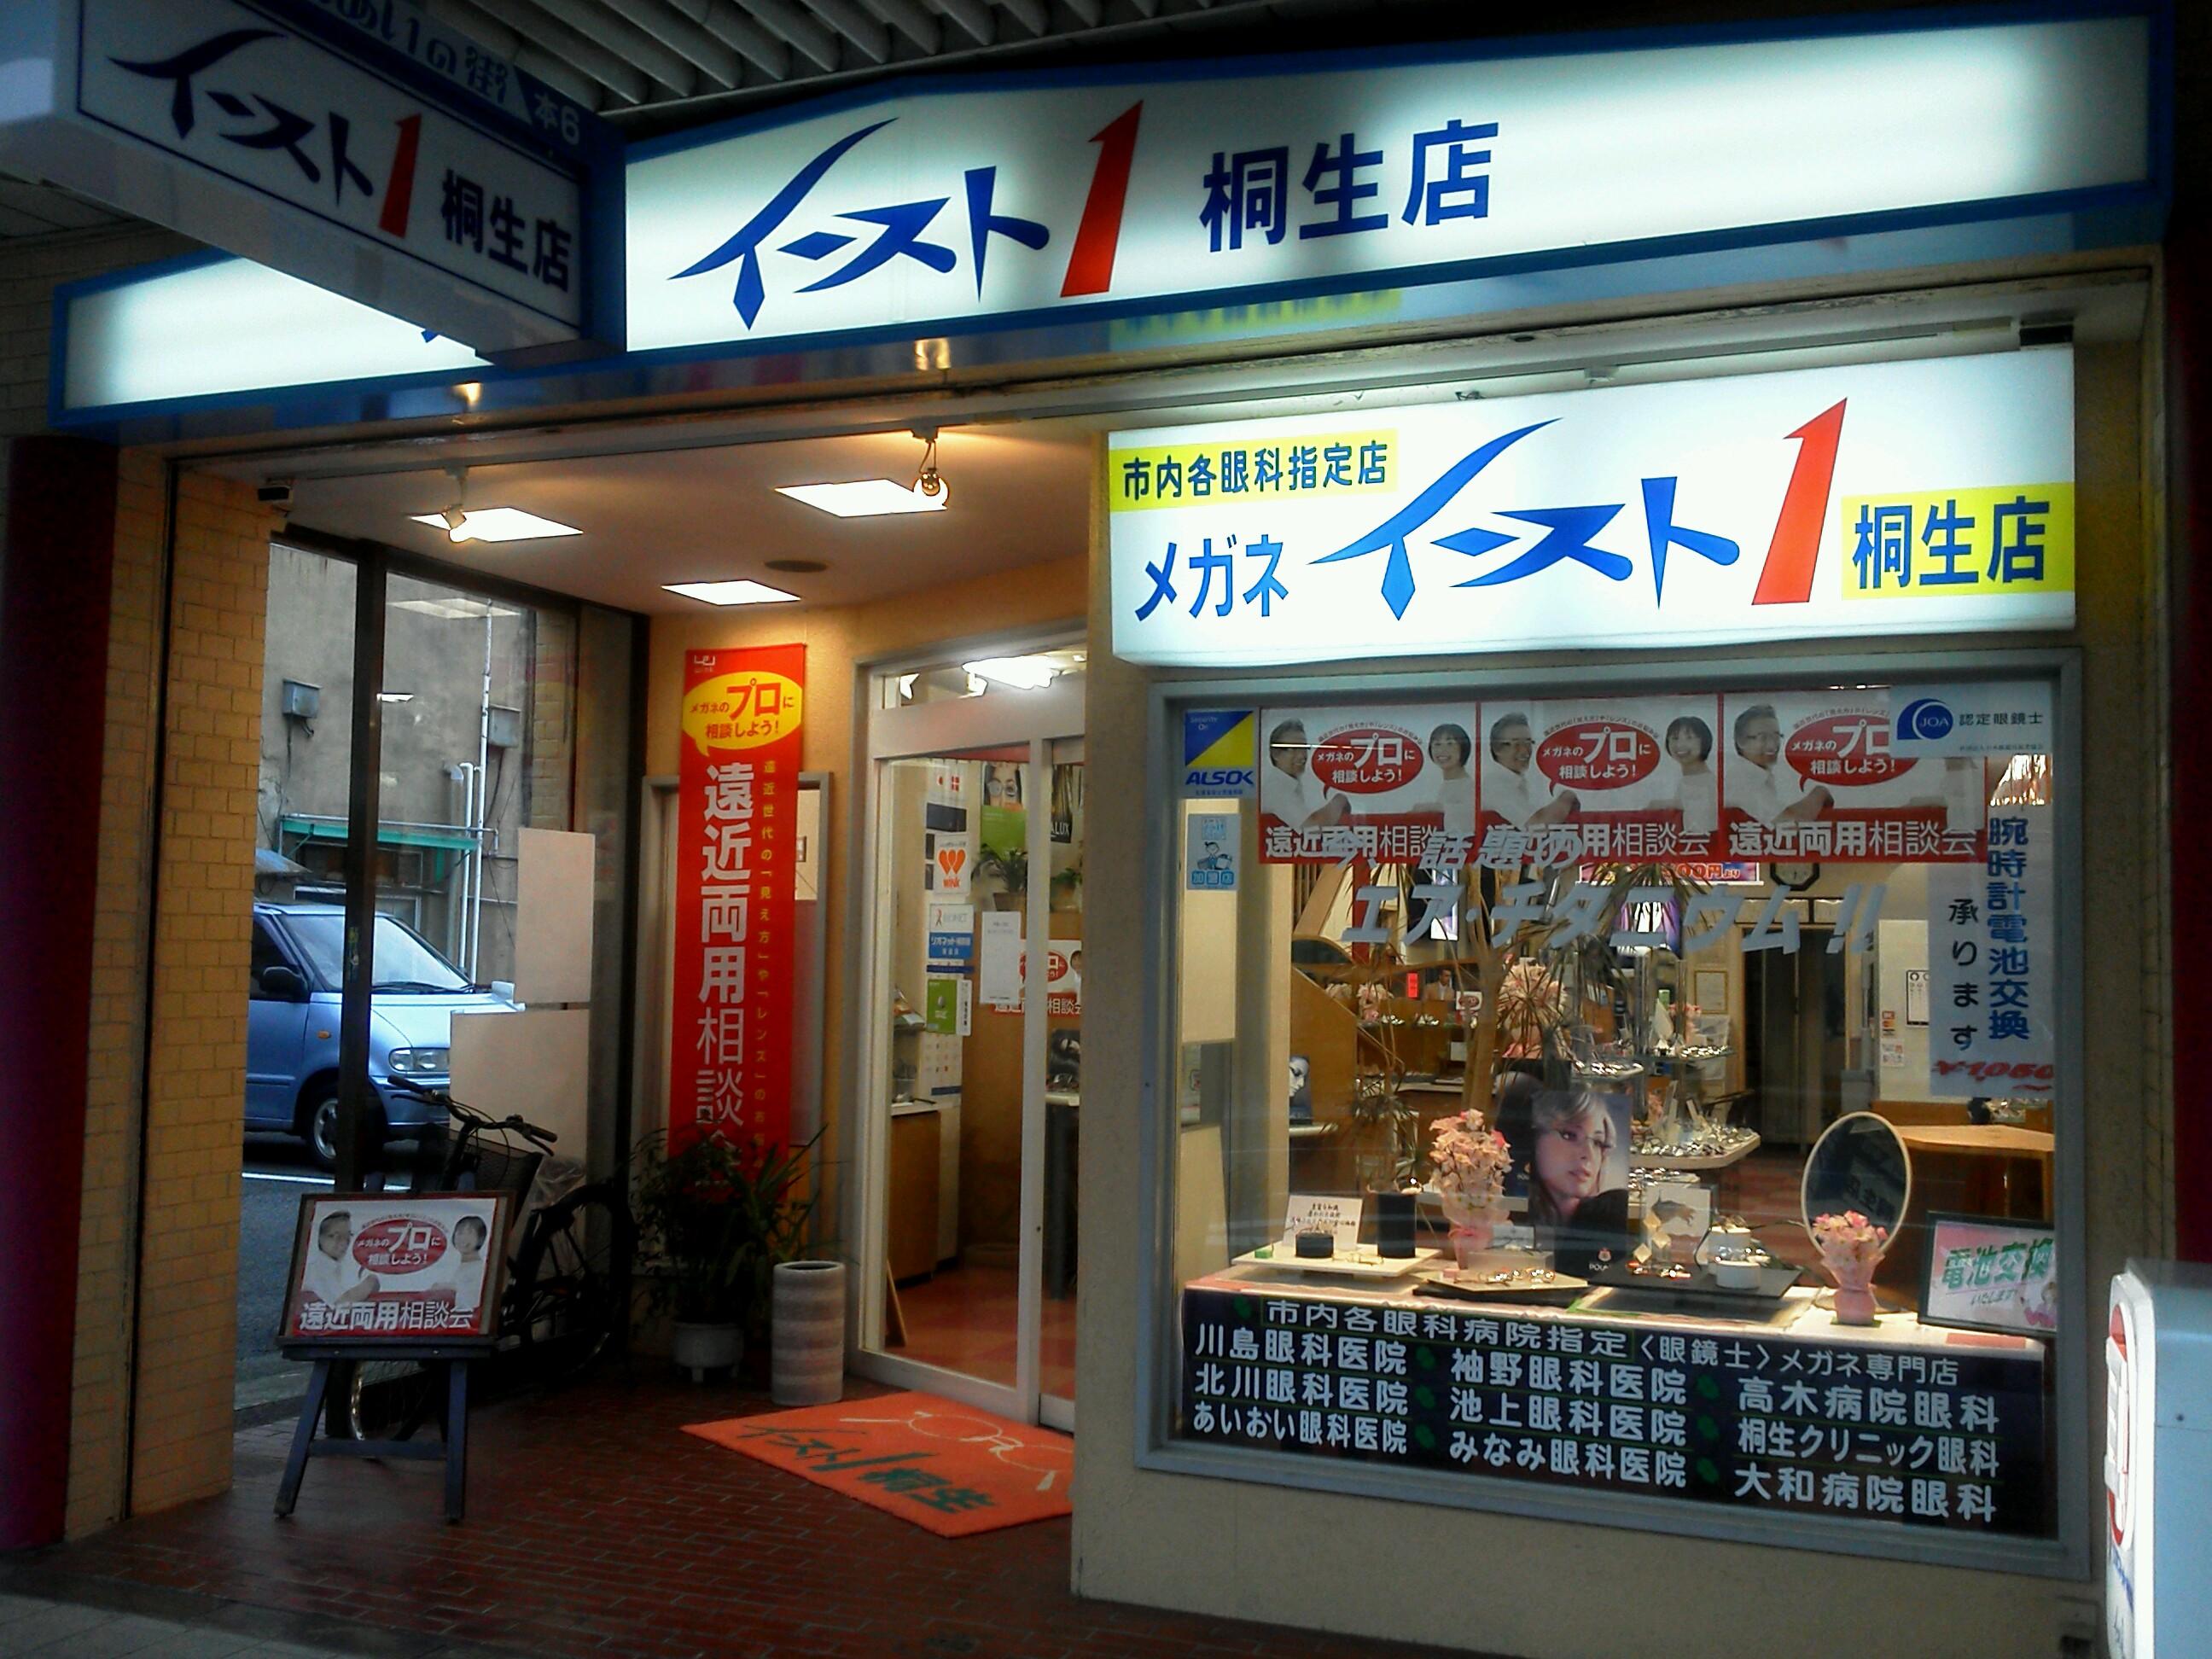 メガネのイースト1(桐生店)